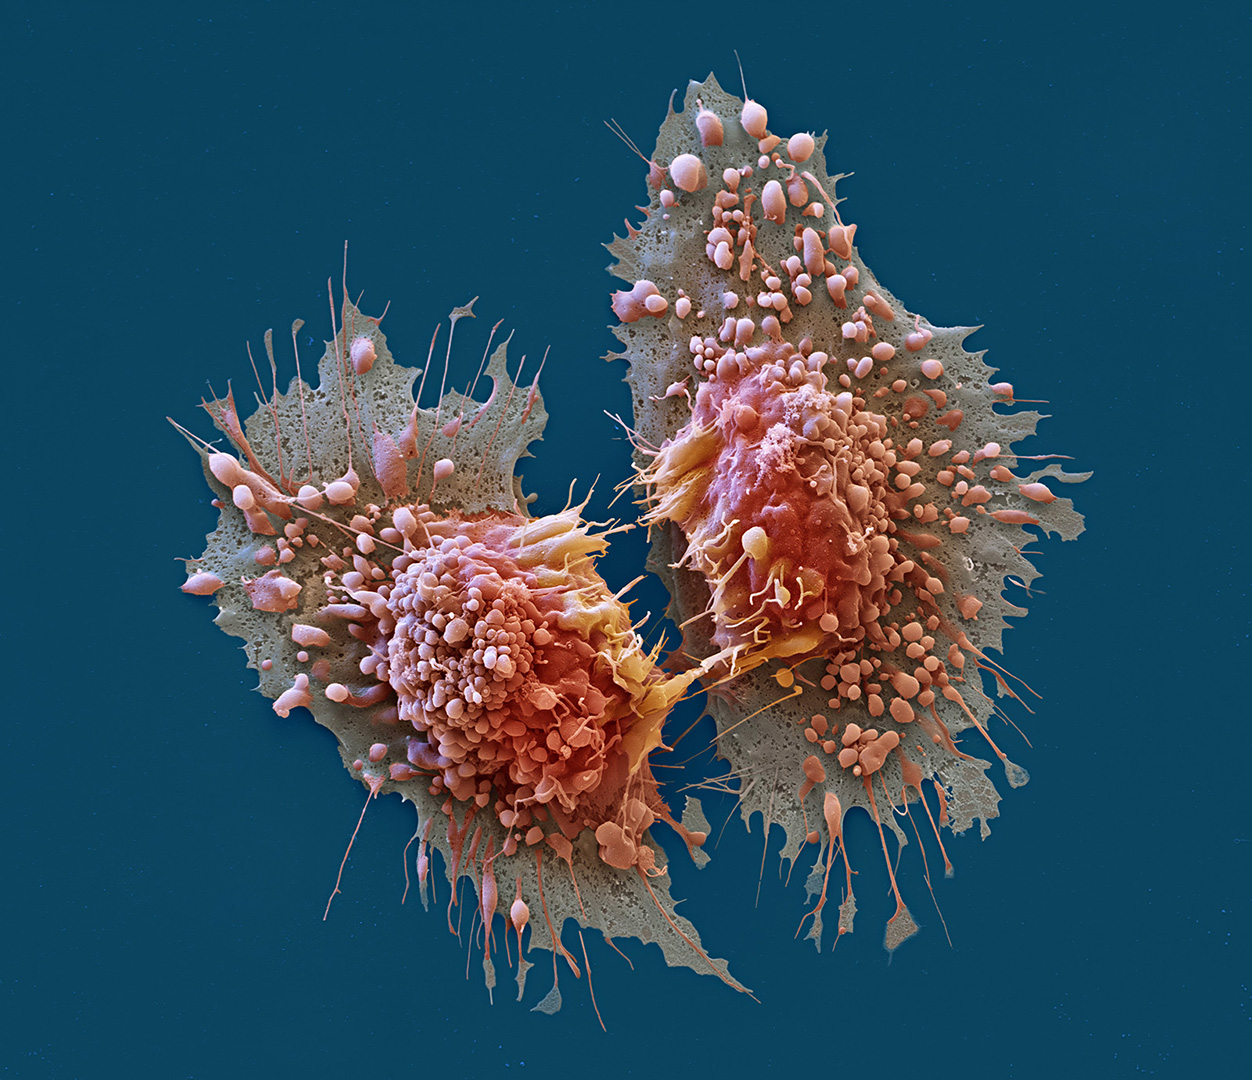 Adenokarzinom-Zellen nach der Teilung, 3500:1